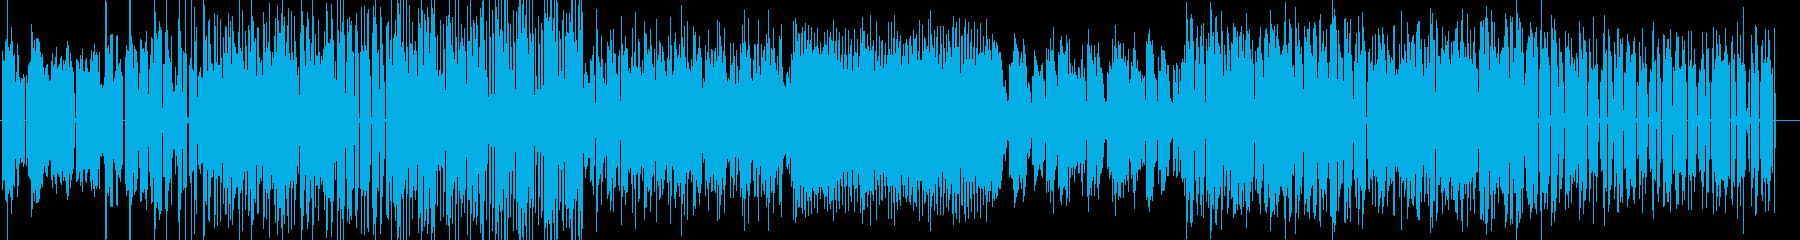 カワイくてコミカルなフューチャーベースの再生済みの波形